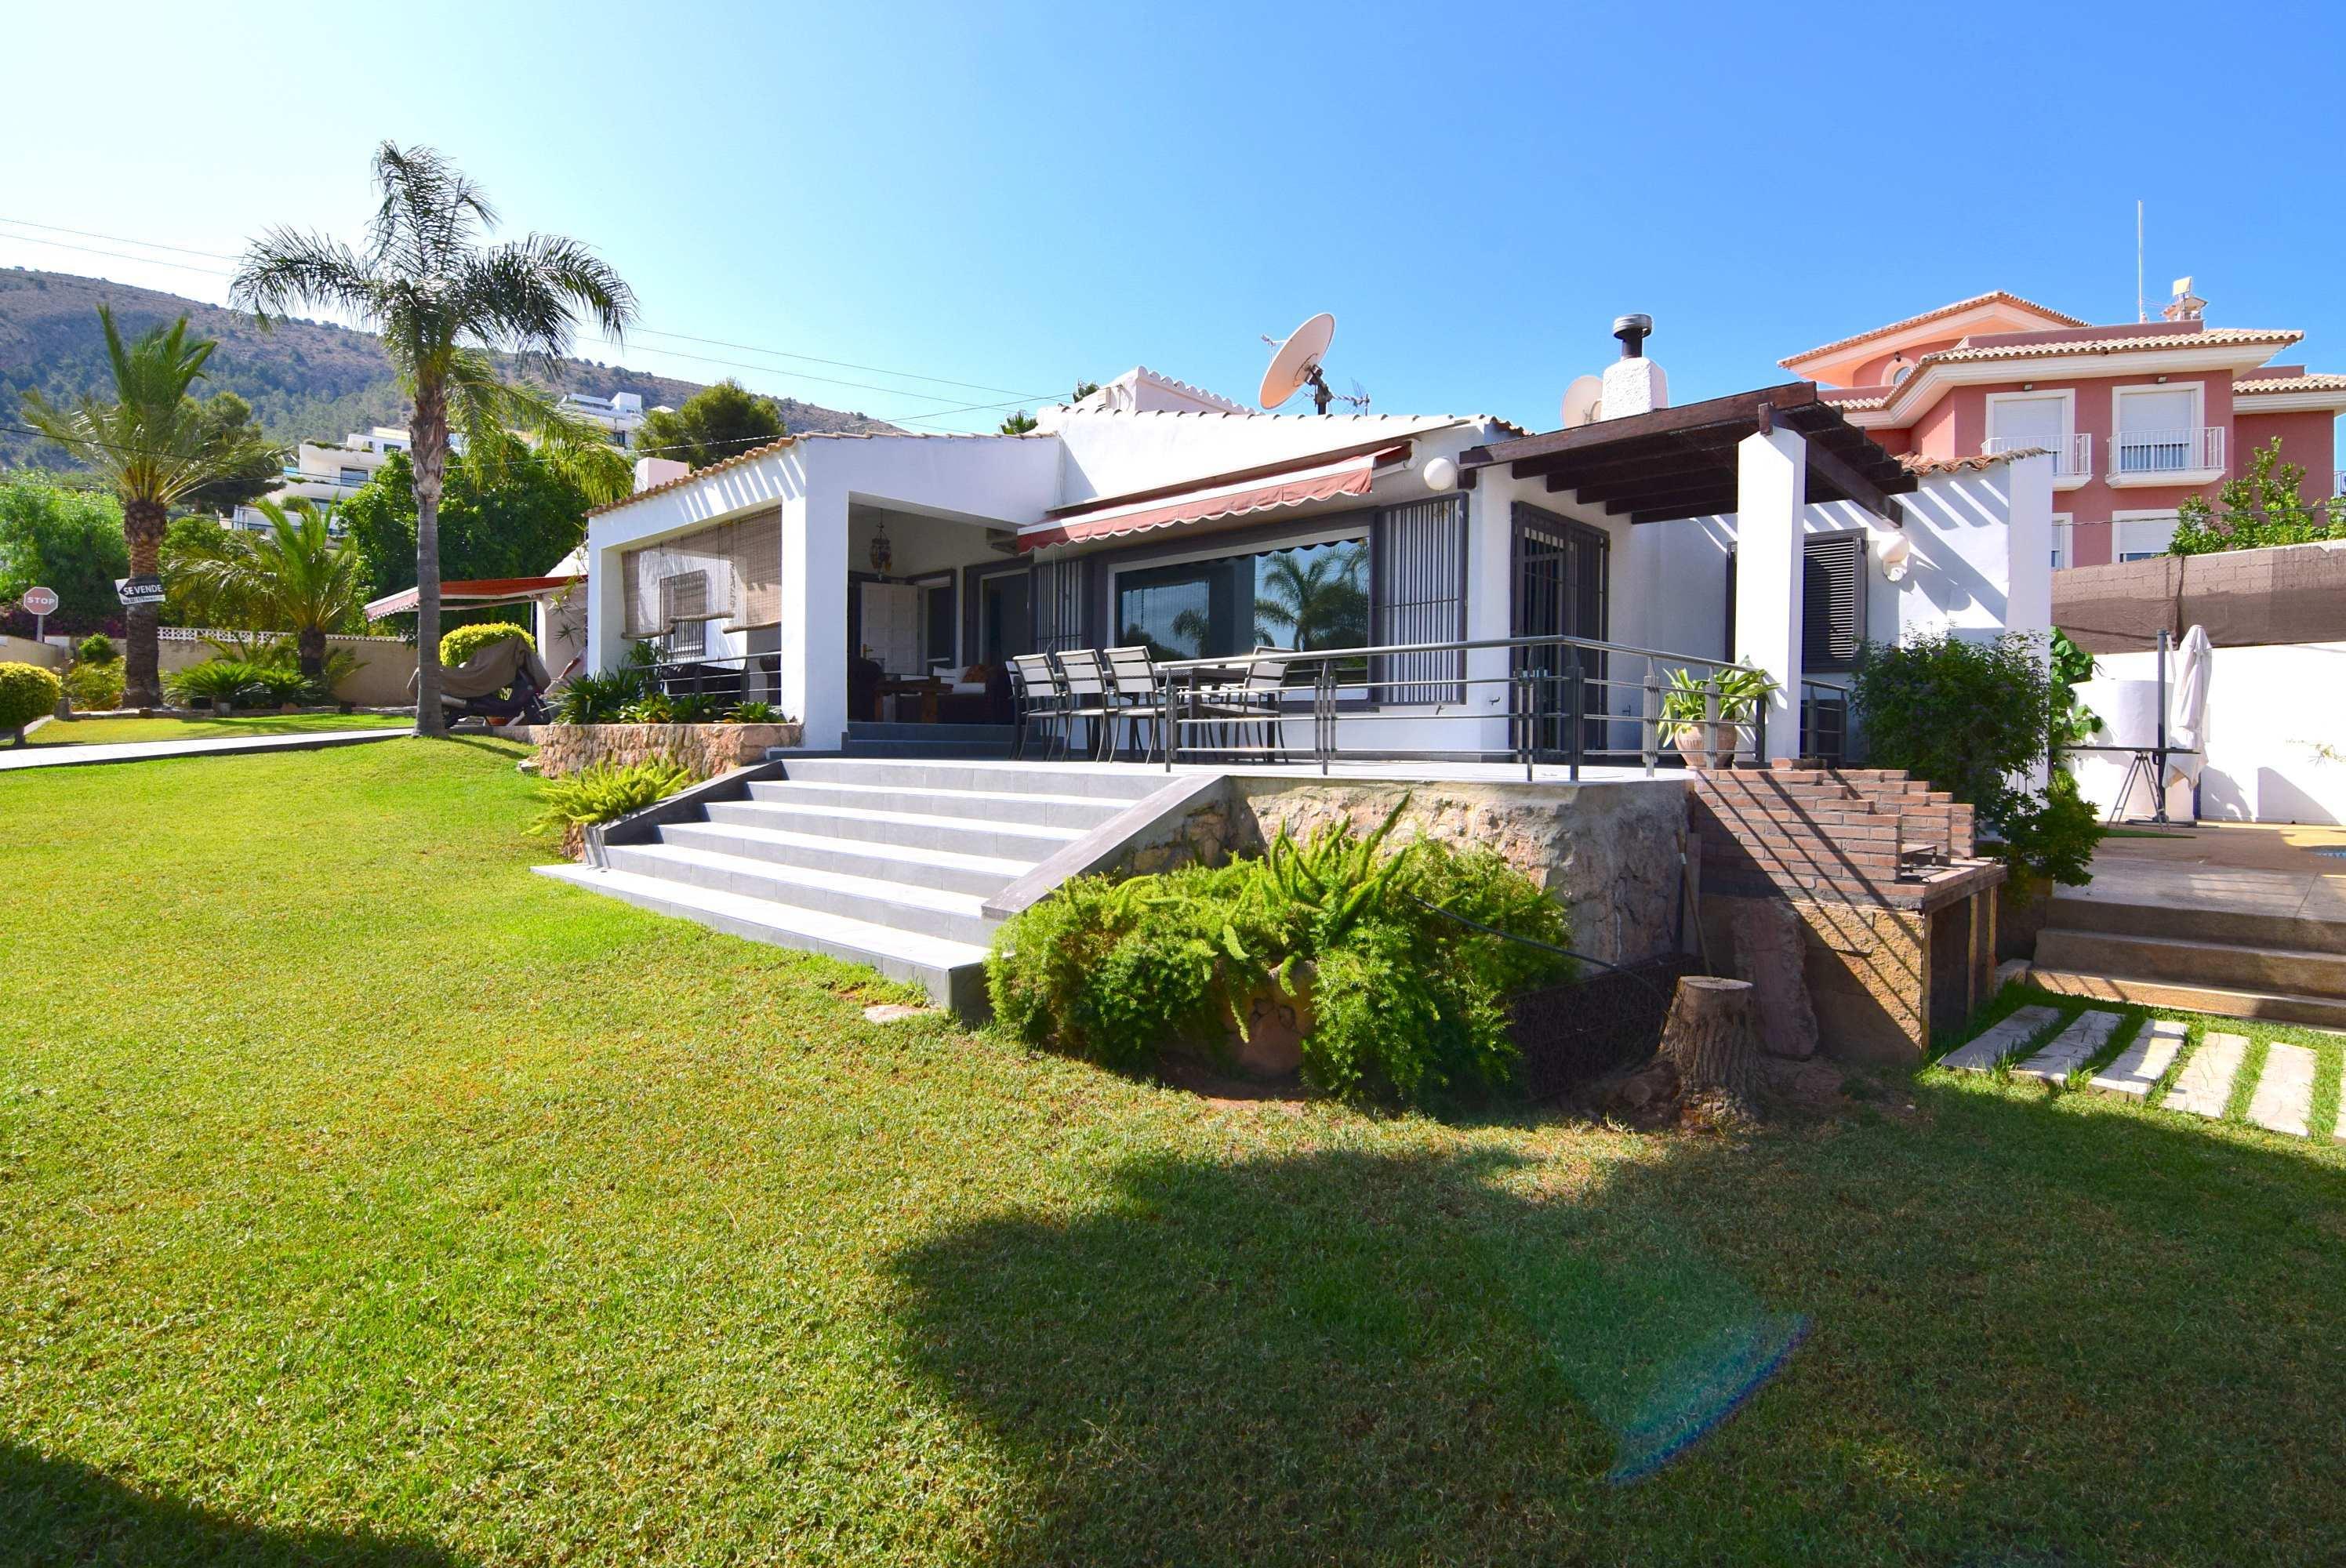 Chalet | Villa en venta en Albir, con amplio jardin con estanque